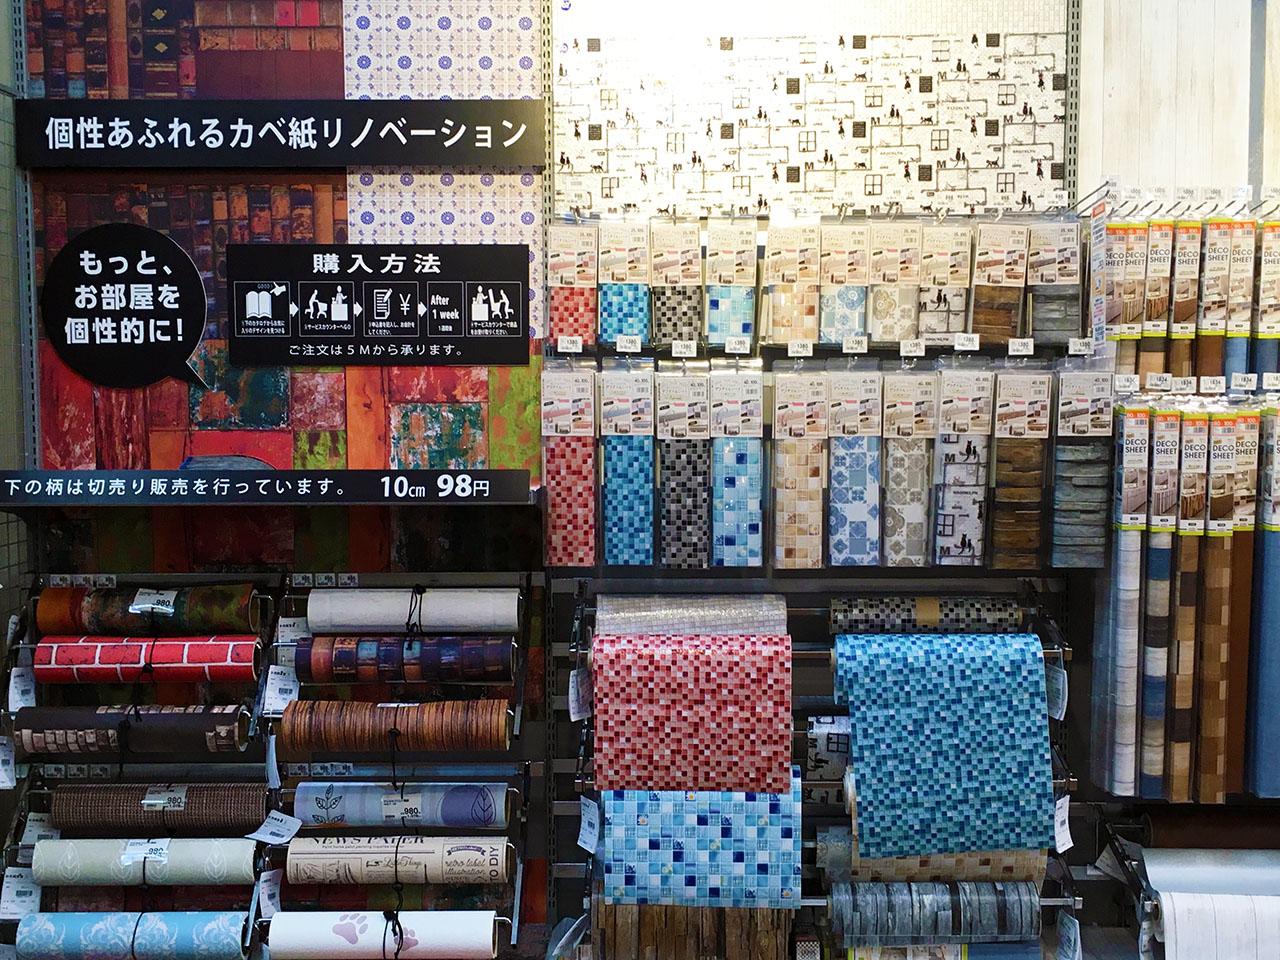 唐木田にリニューアルオープンしたケーオーデイツー唐木田店